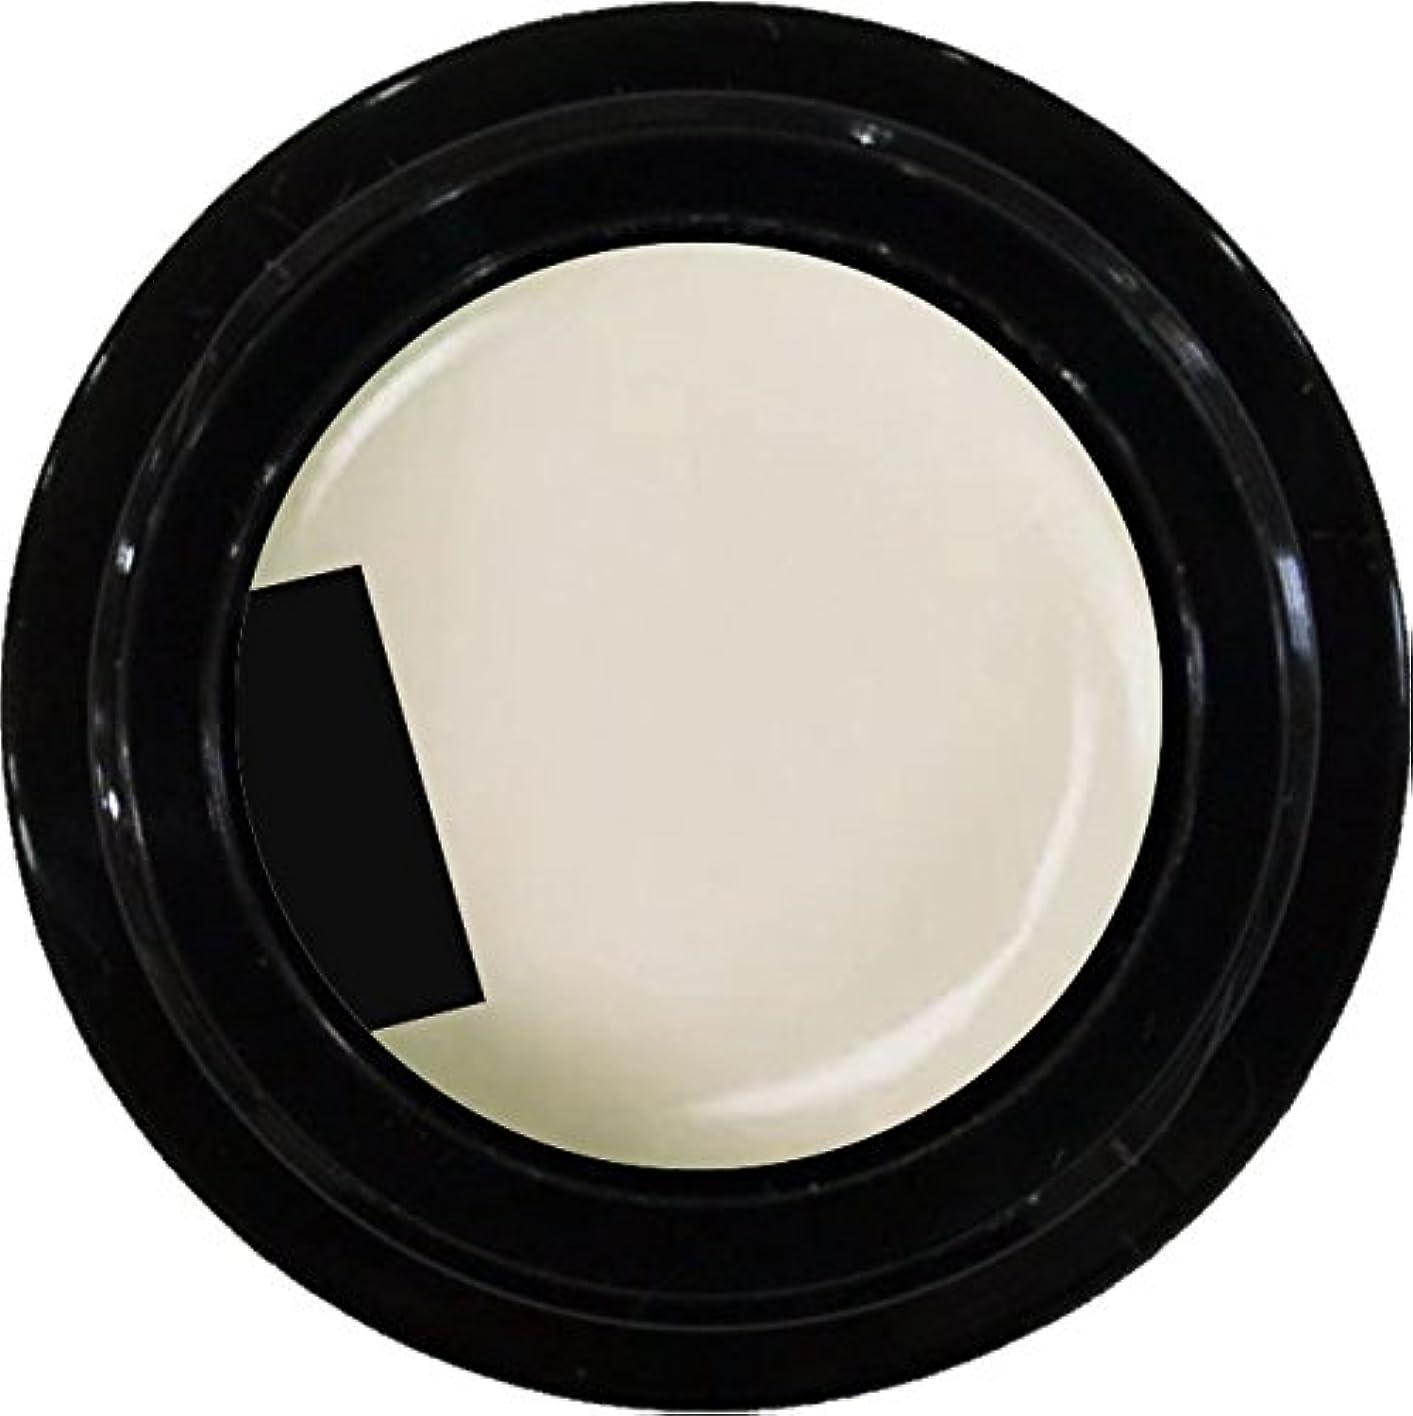 テレビ局設計図協定カラージェル enchant color gel M006 MilkyWhite 3g/ マットカラージェル M006 ミルキーホワイト 3グラム